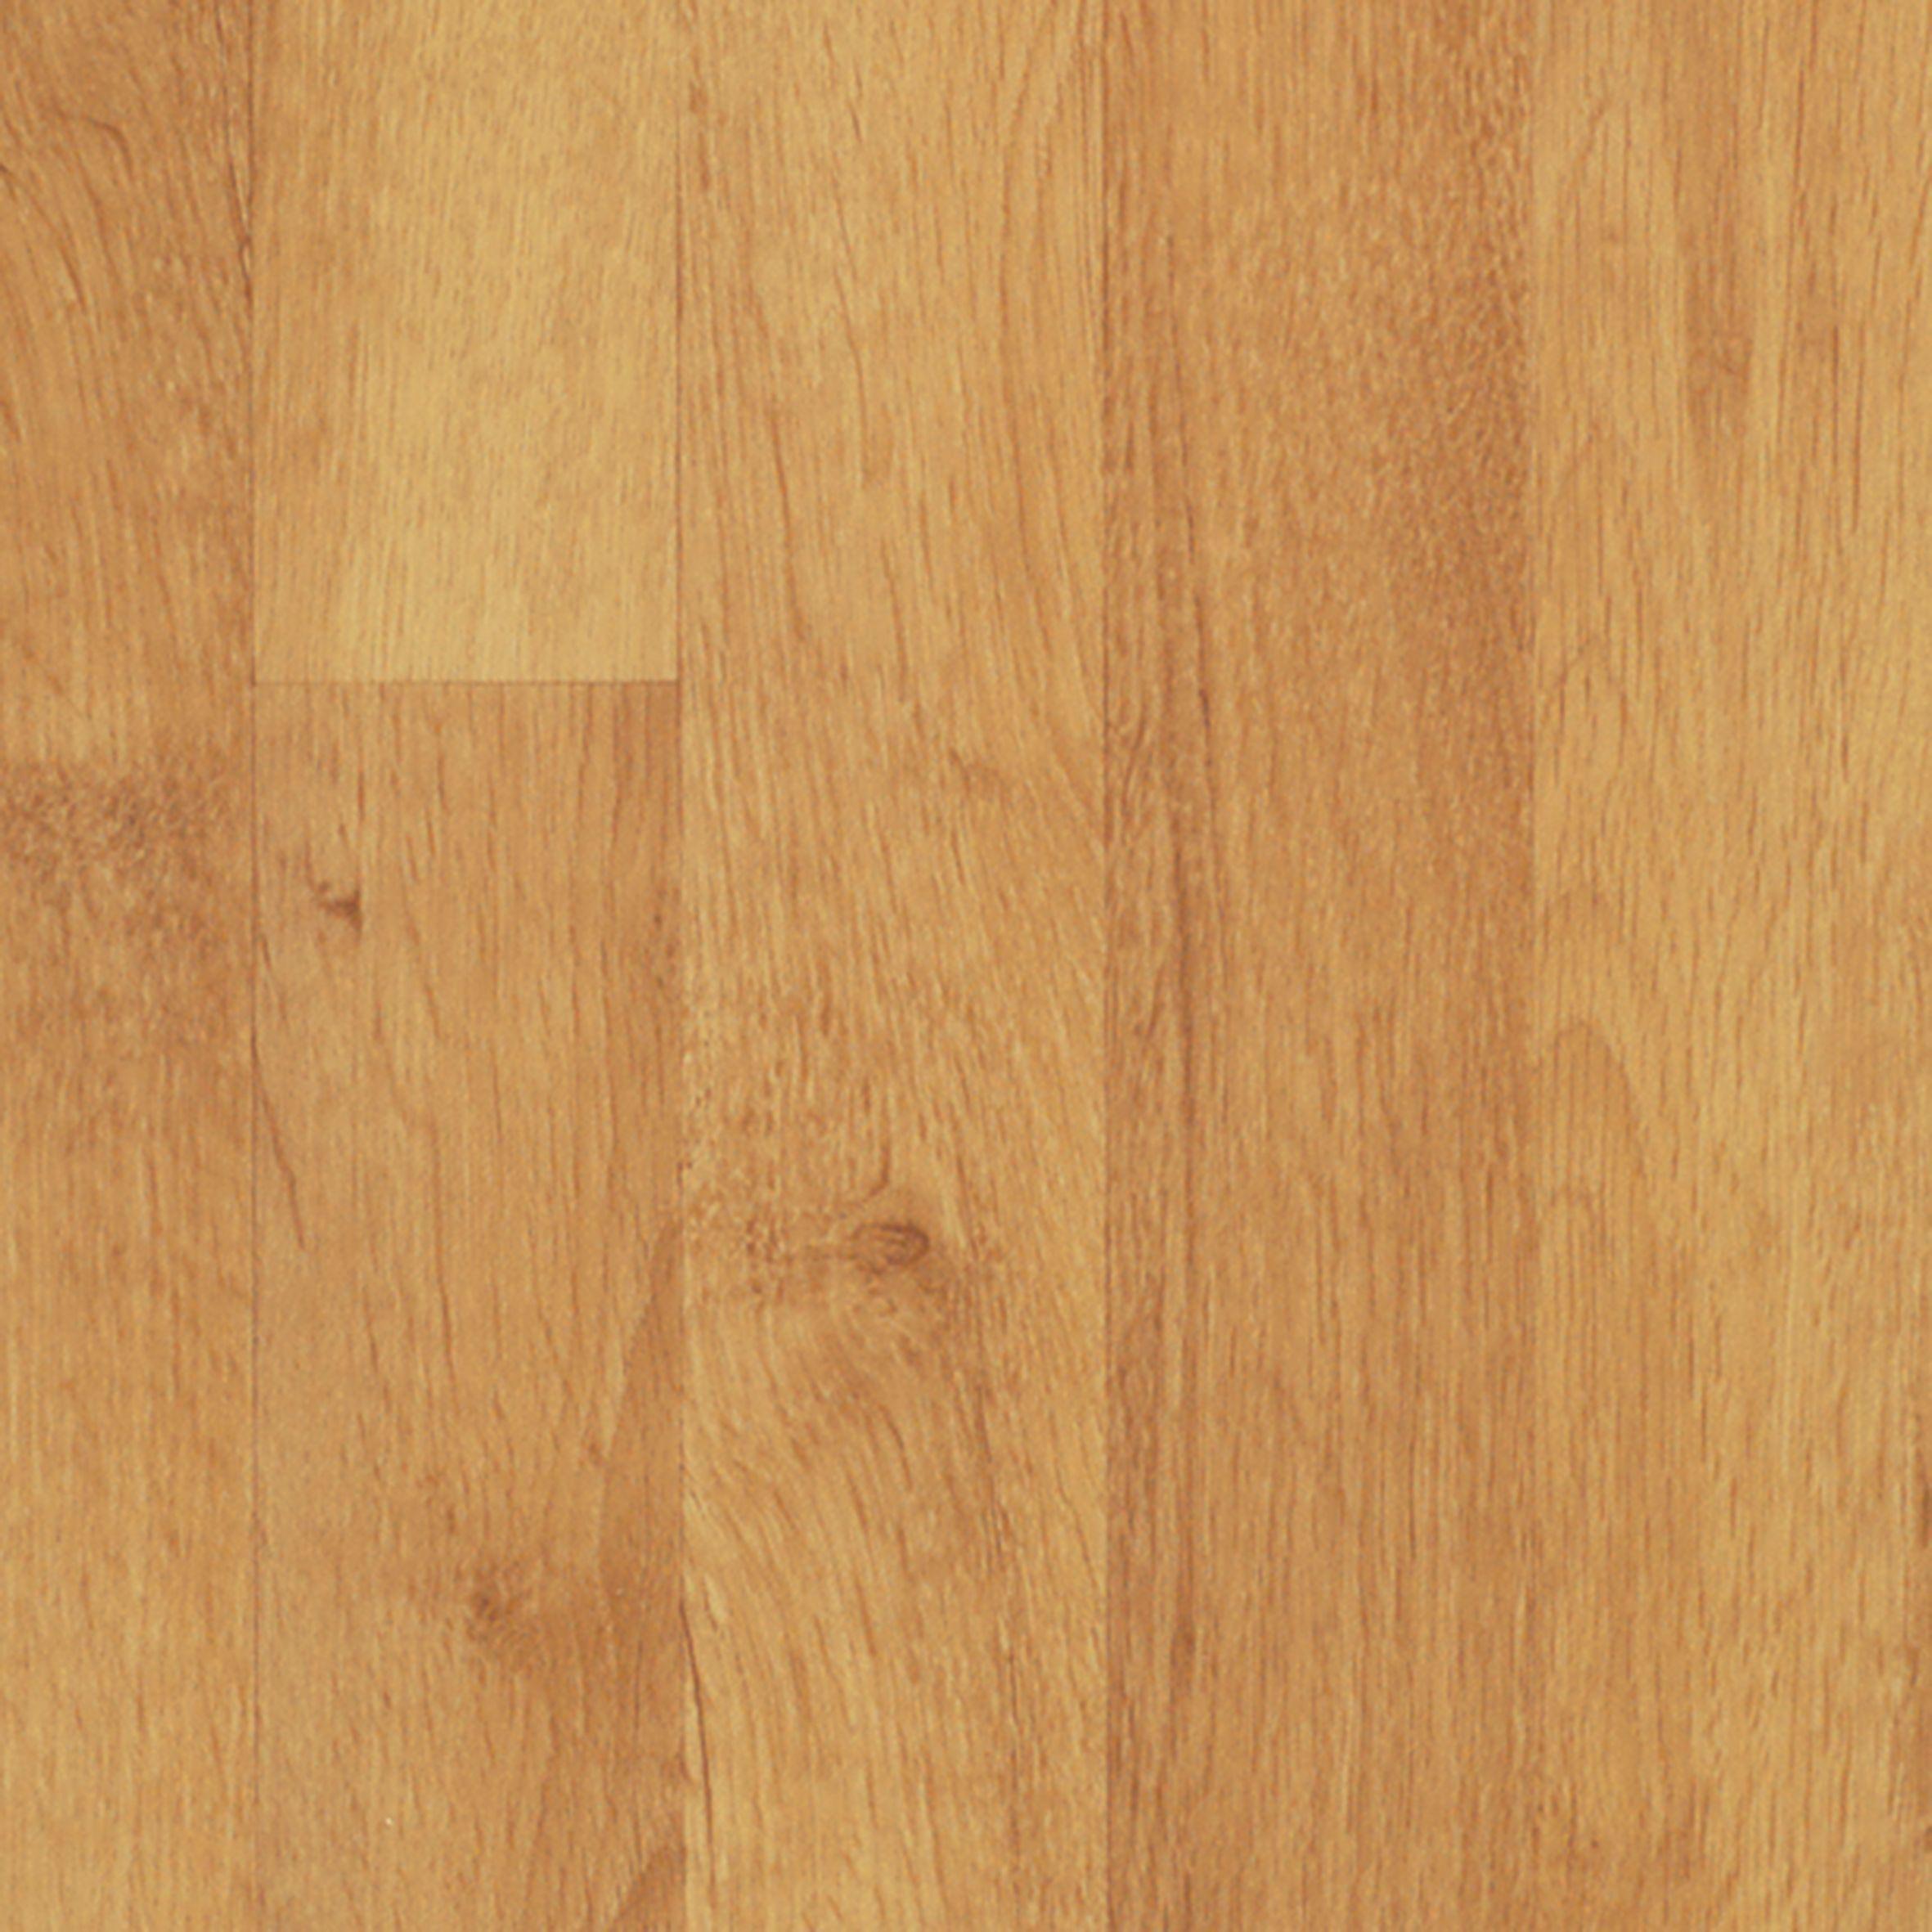 julius natural wood effect vinyl sheet flooring 6 m. Black Bedroom Furniture Sets. Home Design Ideas